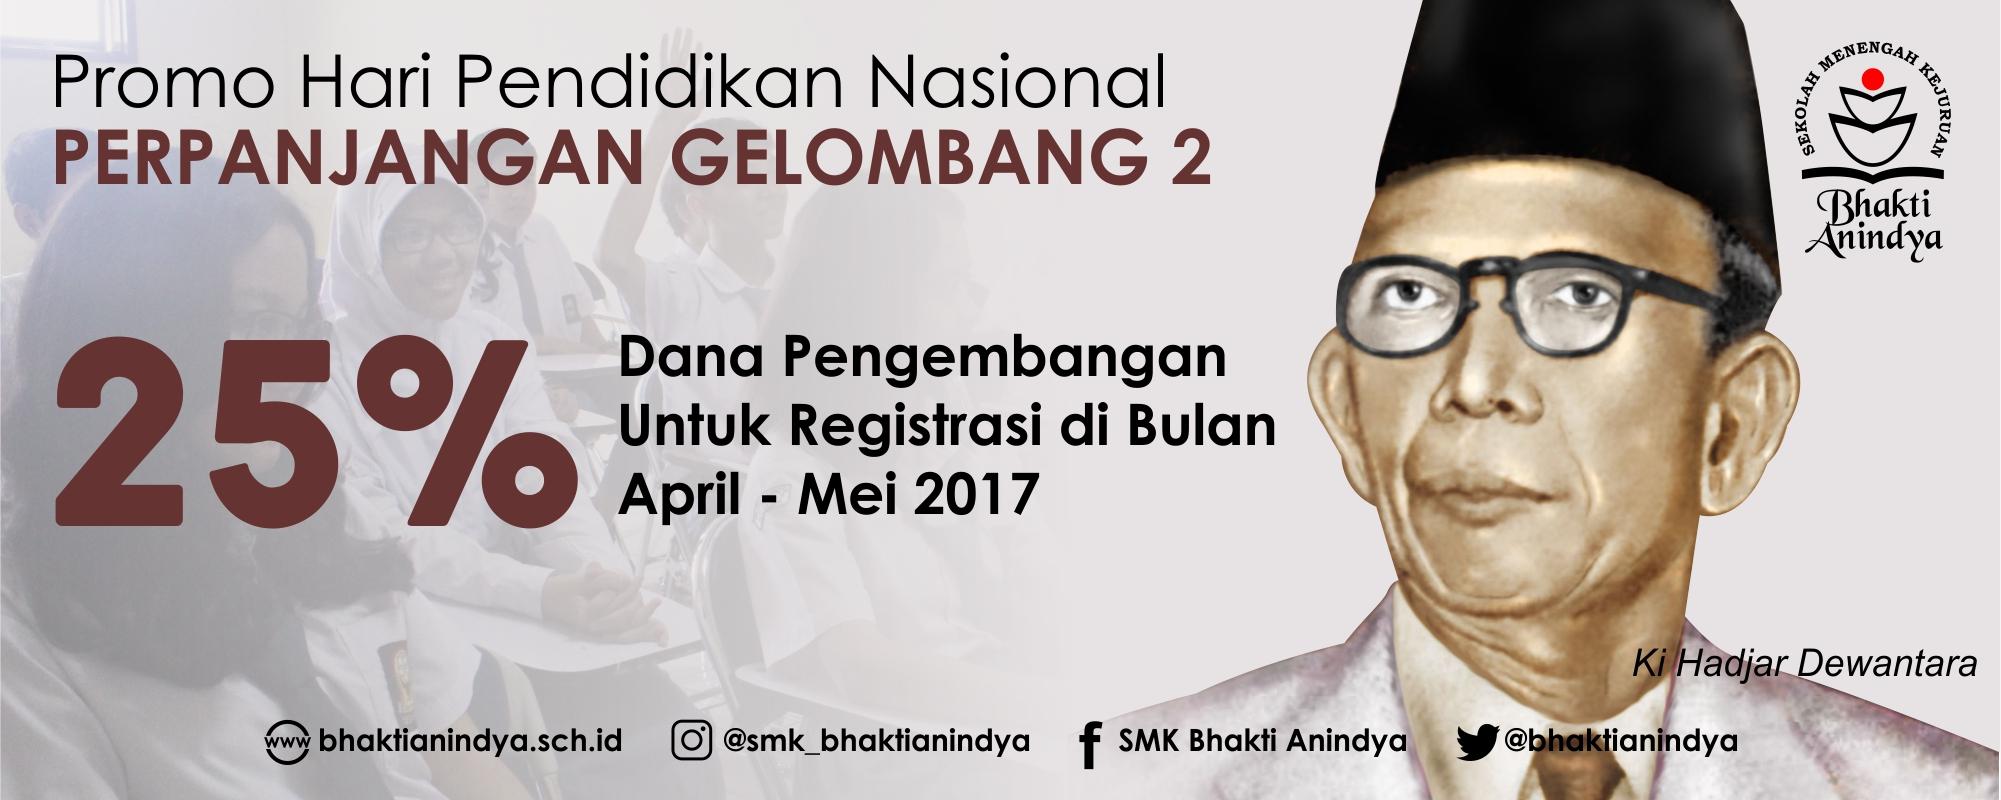 Beasiswa Hari Pendidikan Nasional 2017 Penerimaan Siswa Baru SMK Bhakti Anindya Tangerang